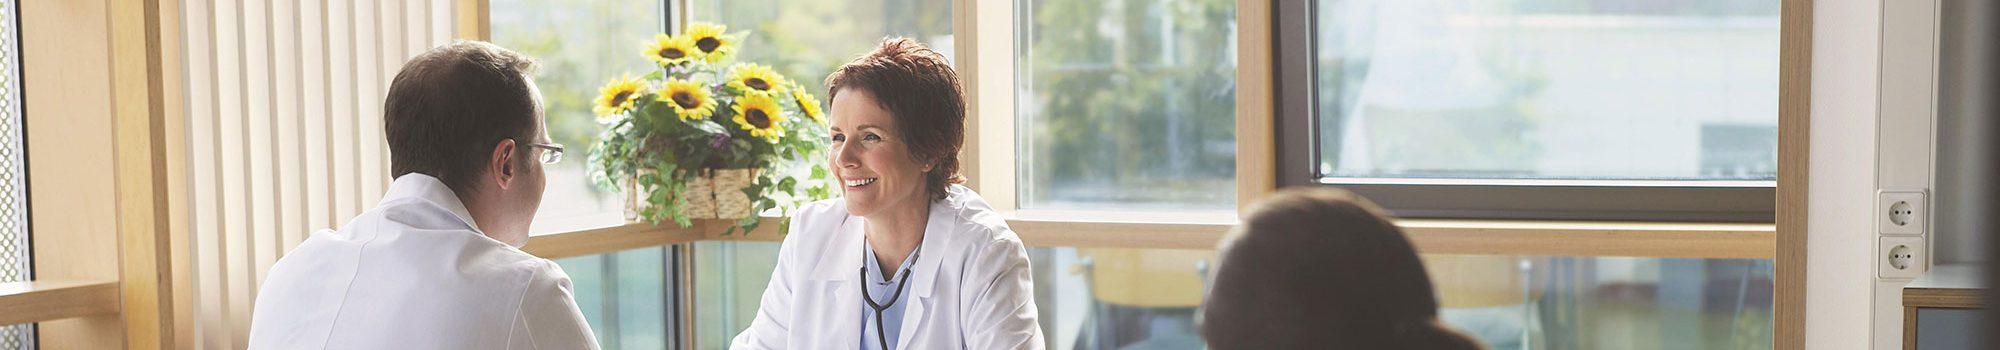 banner_doctors